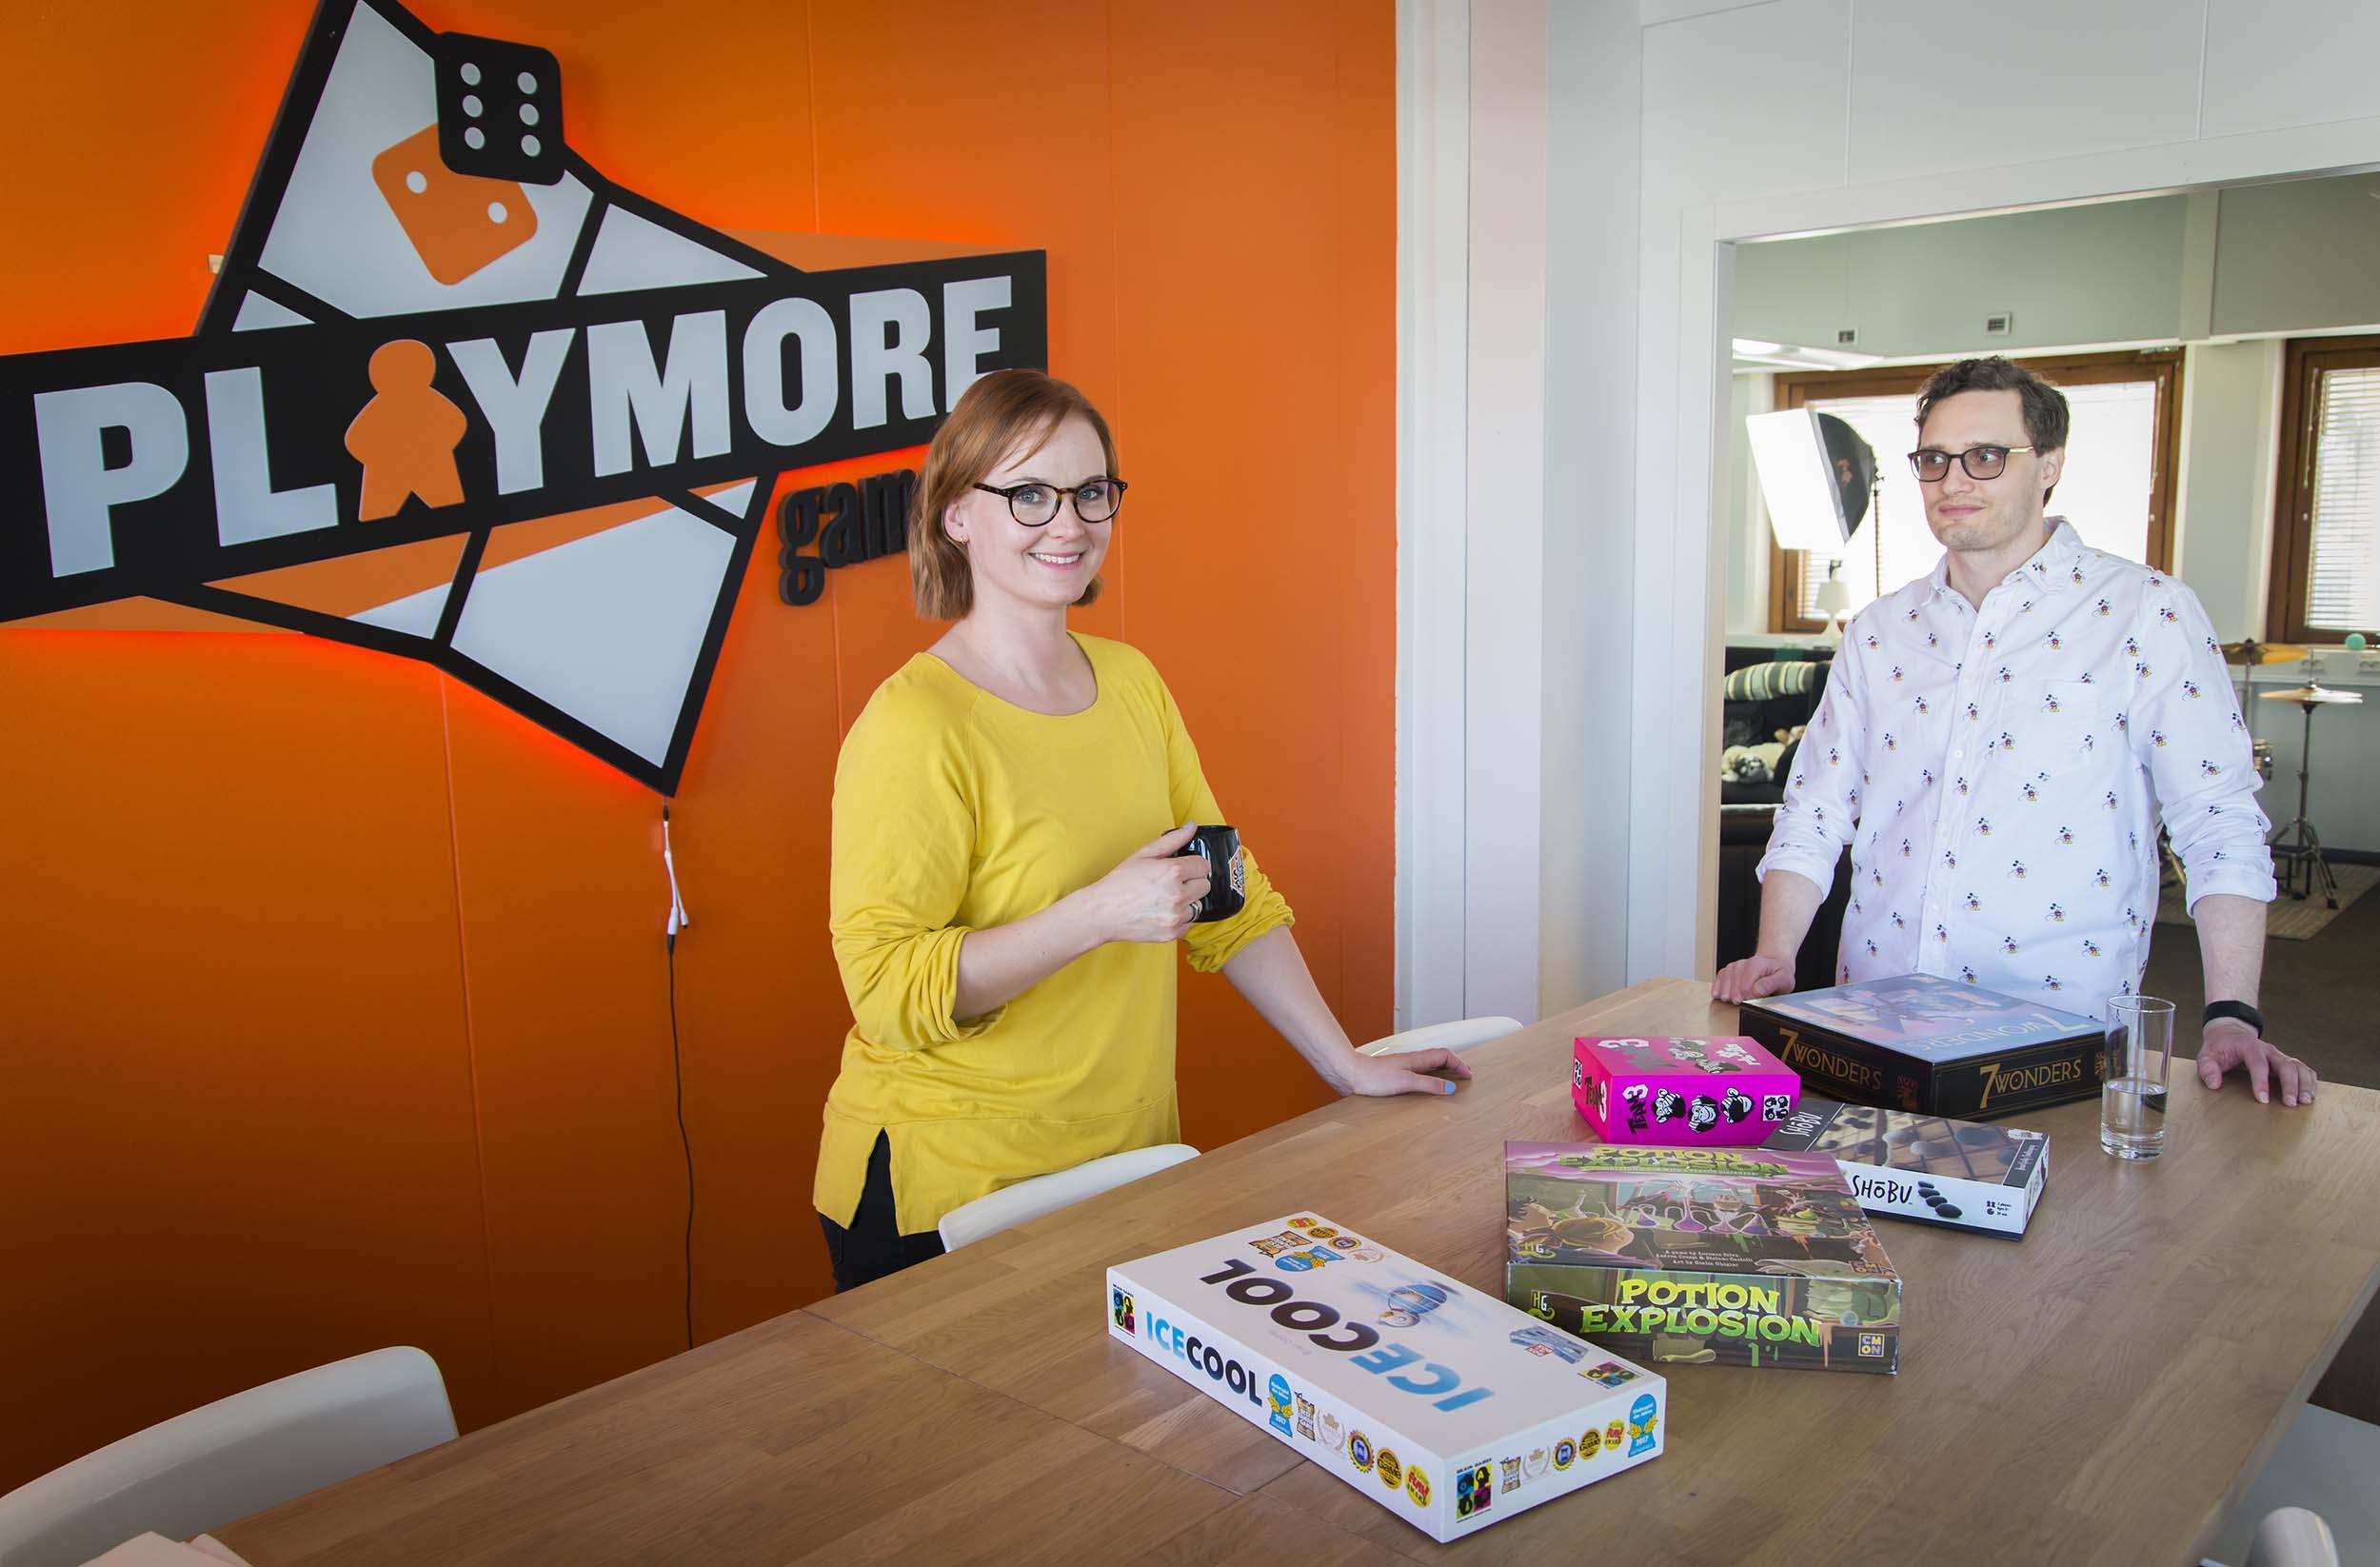 Nainen ja mies seisovat pöydän äärellä, nainen pitelee kahvikuppia. Pöydällä on lautapelejä, taustalla oranssi seinä, jossa lukee teksti